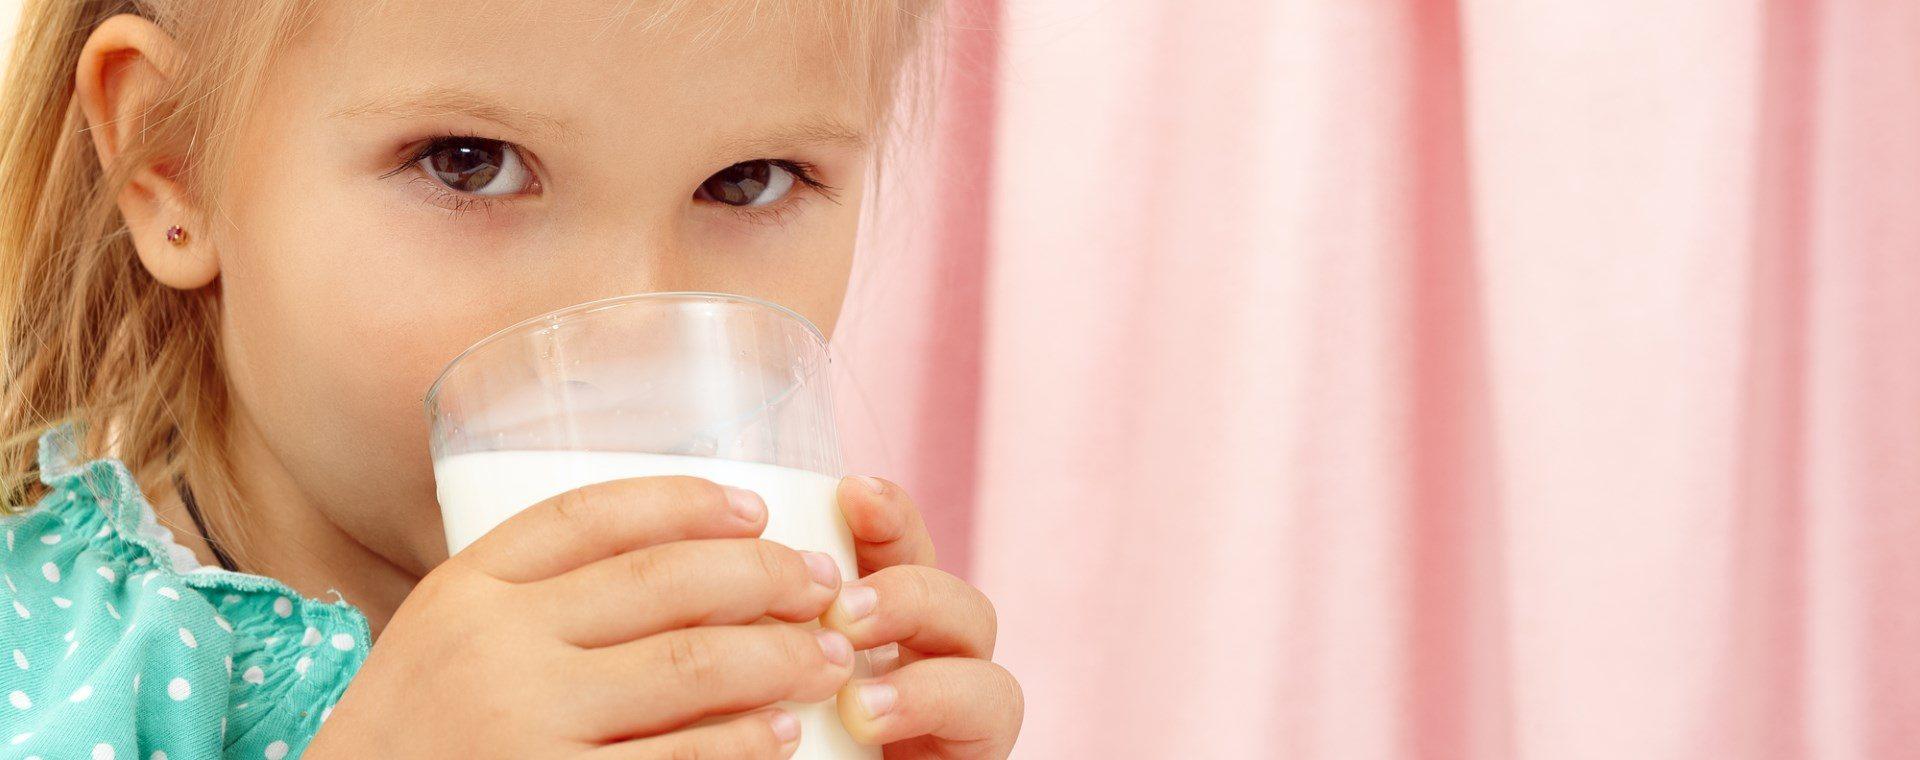 Entstehung Osteoporose in jungen Jahren Vorsorgen